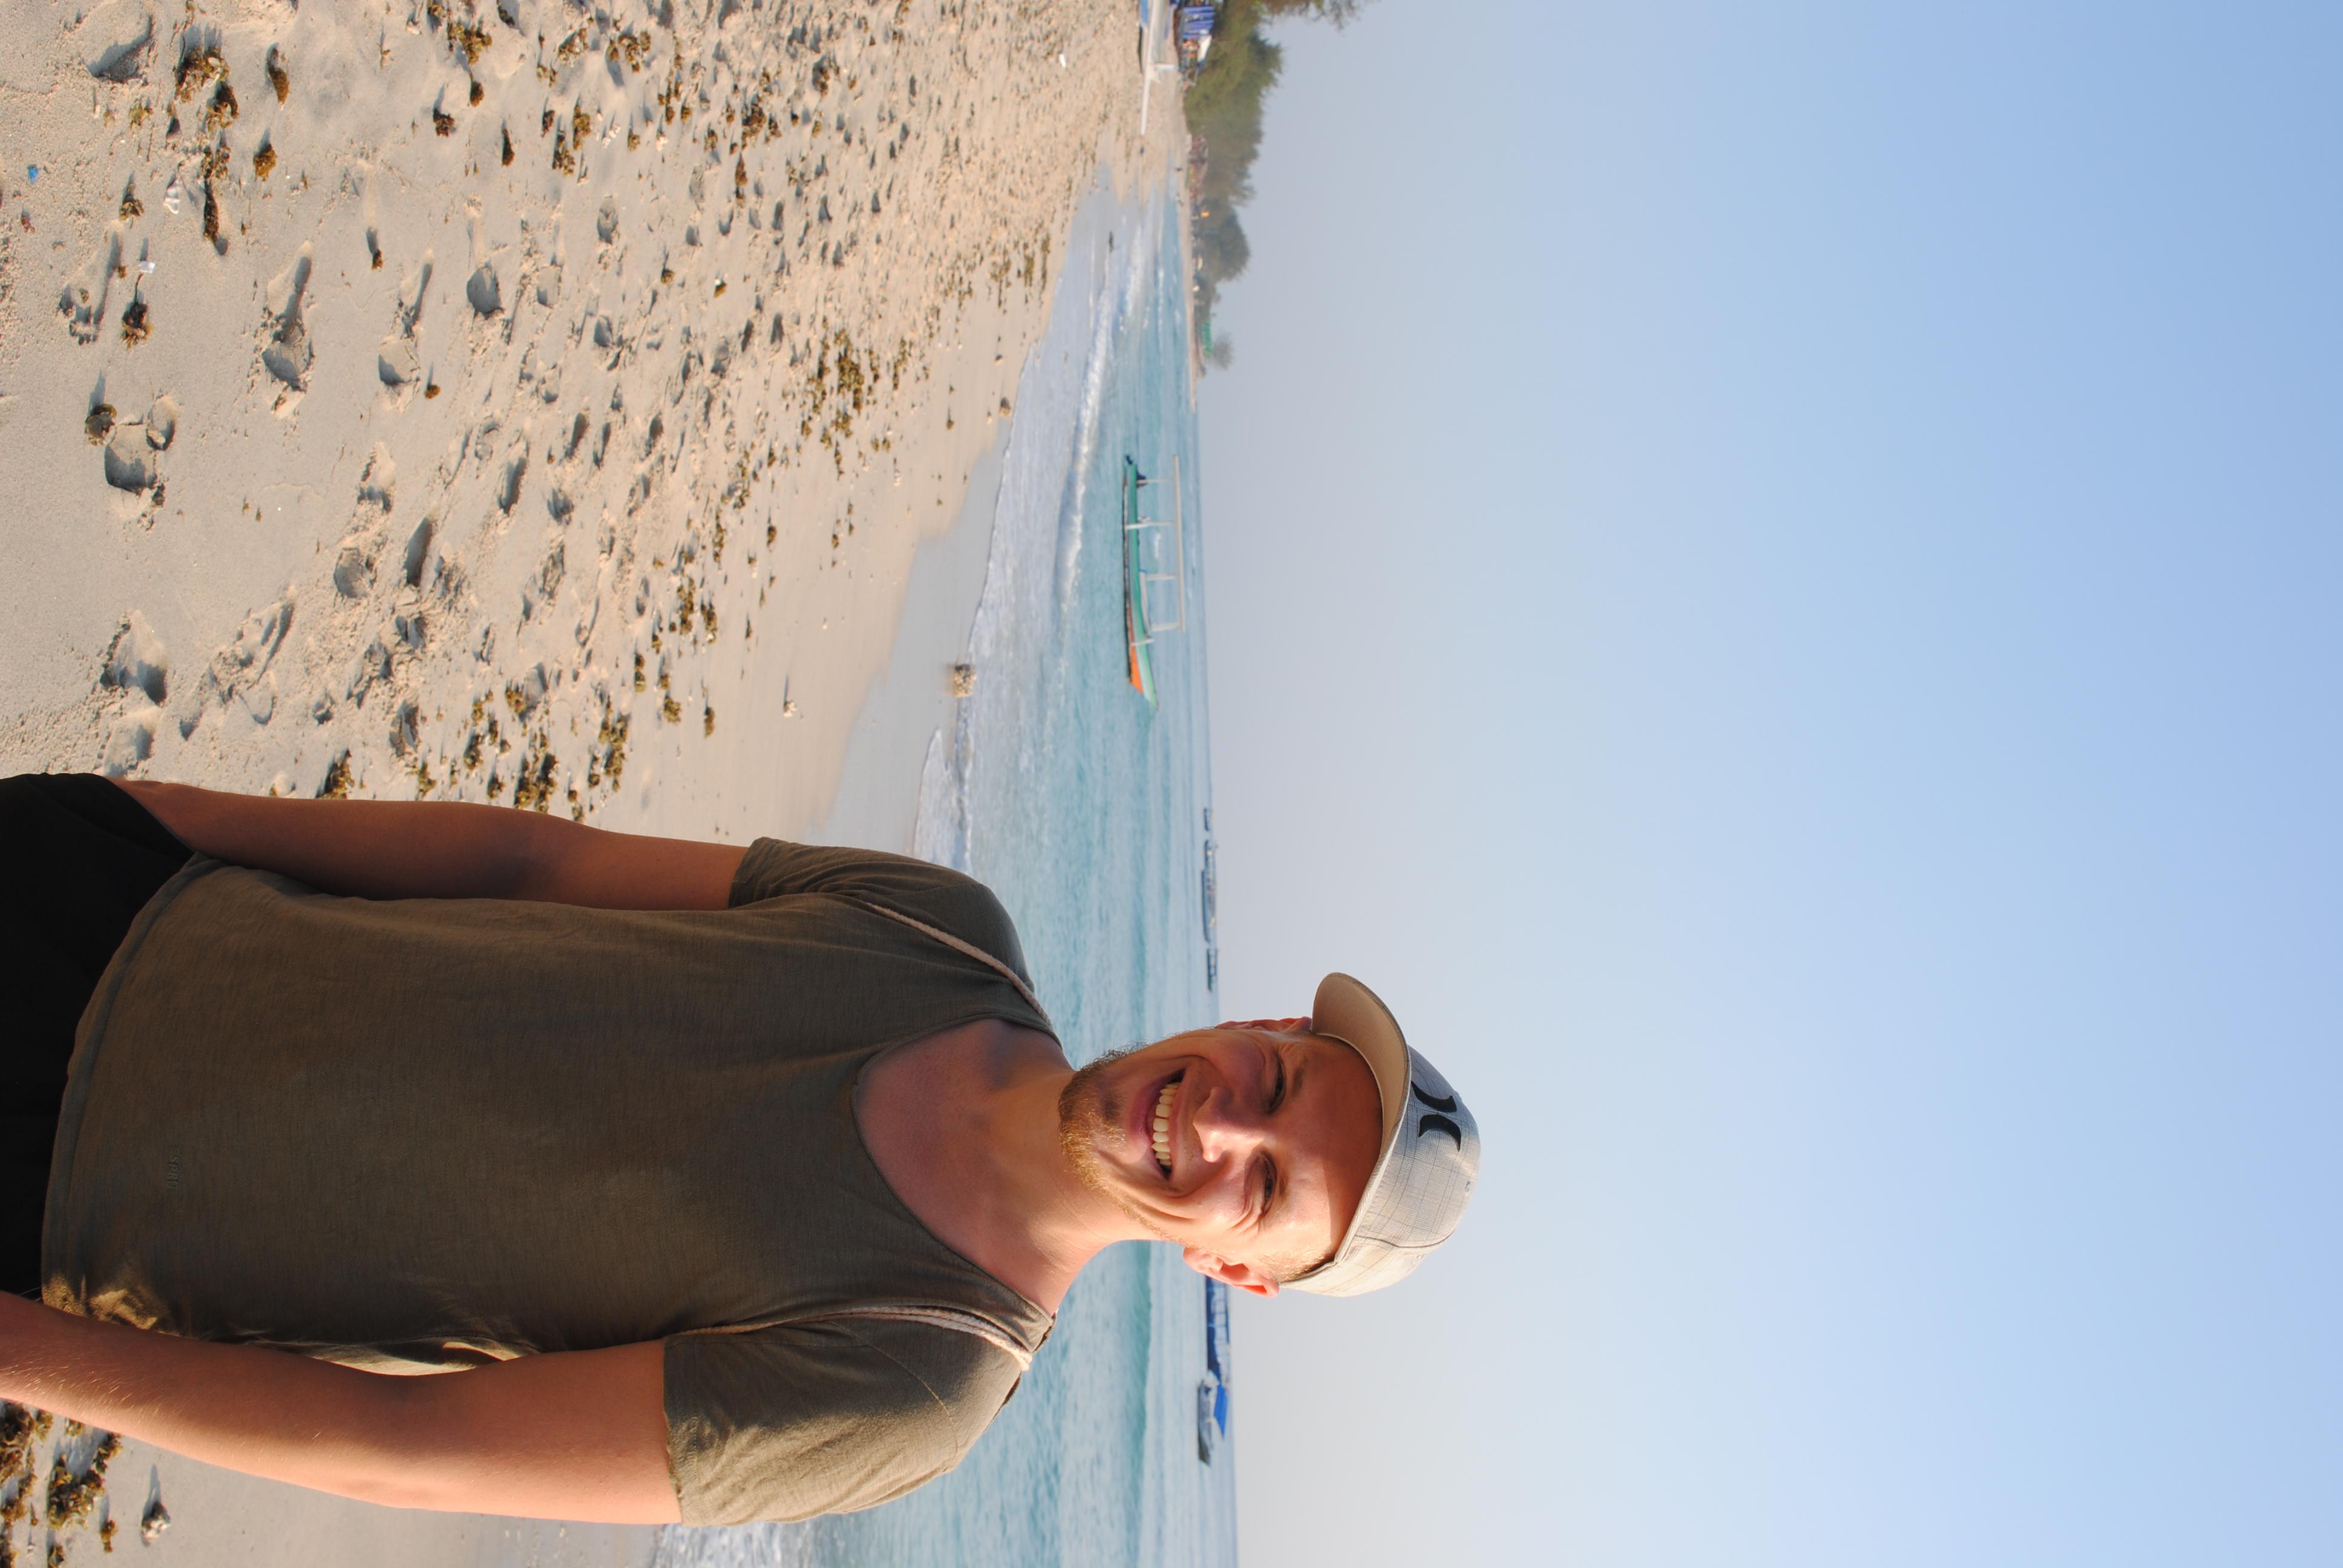 Die ersten Sonnenstrahlen des Tages am Strand genießen.